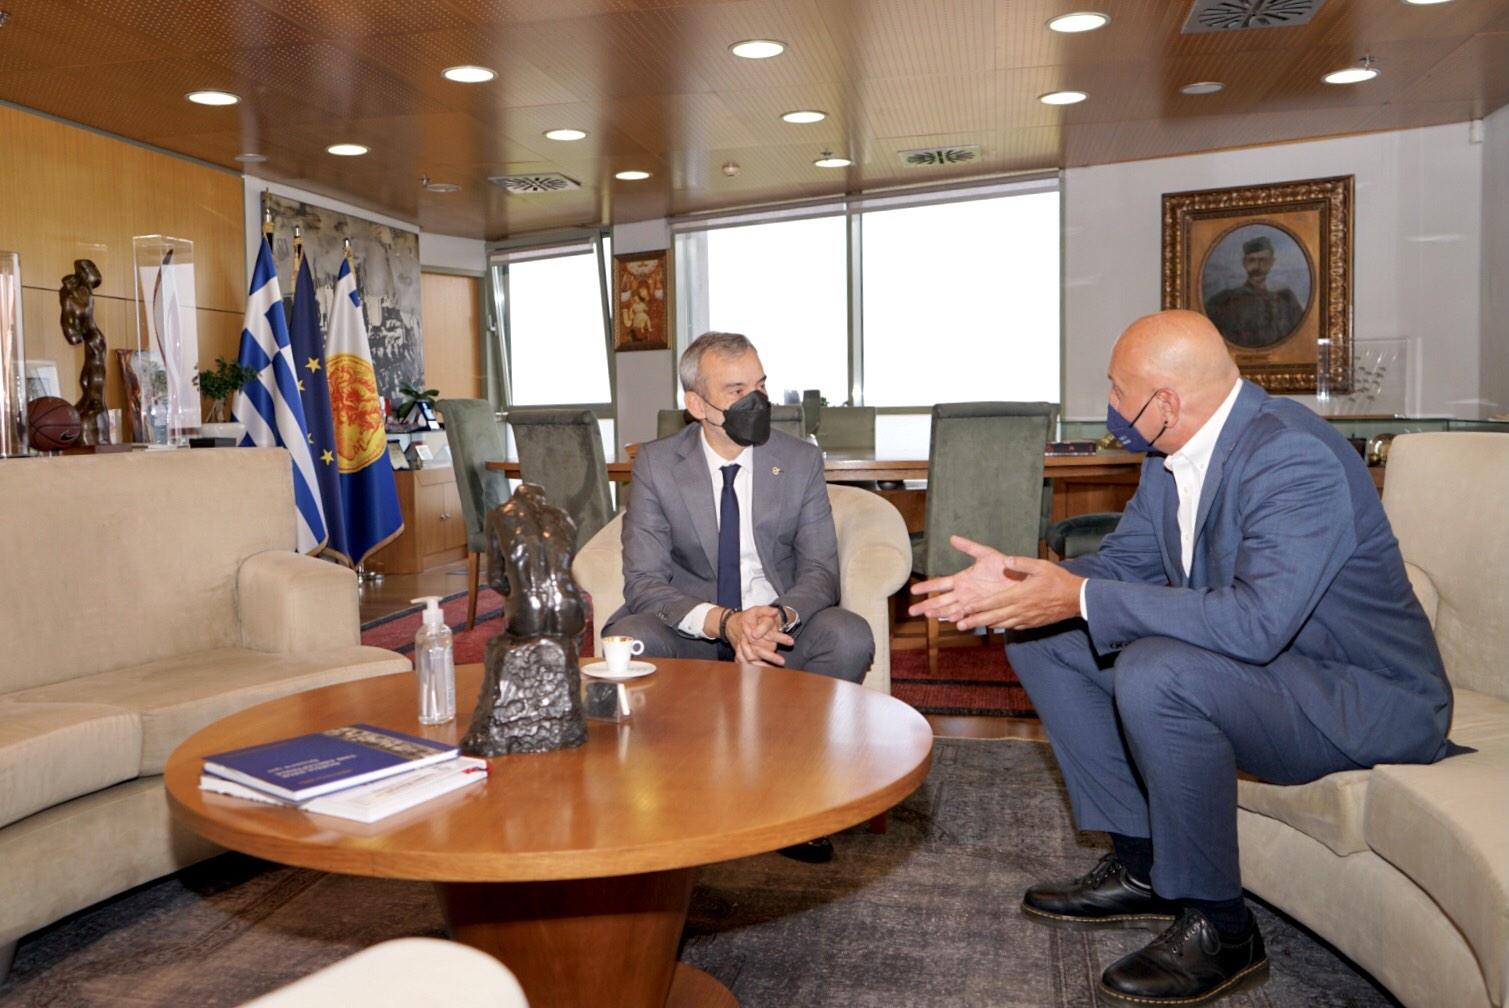 Συνάντηση Δημάρχου Θεσσαλονίκης Κ. Ζέρβα με τον πρόεδρο του ΕΟΔΥ κ. Θ. Ζαούτη - Μήνυμα υπέρ του εμβολιασμού